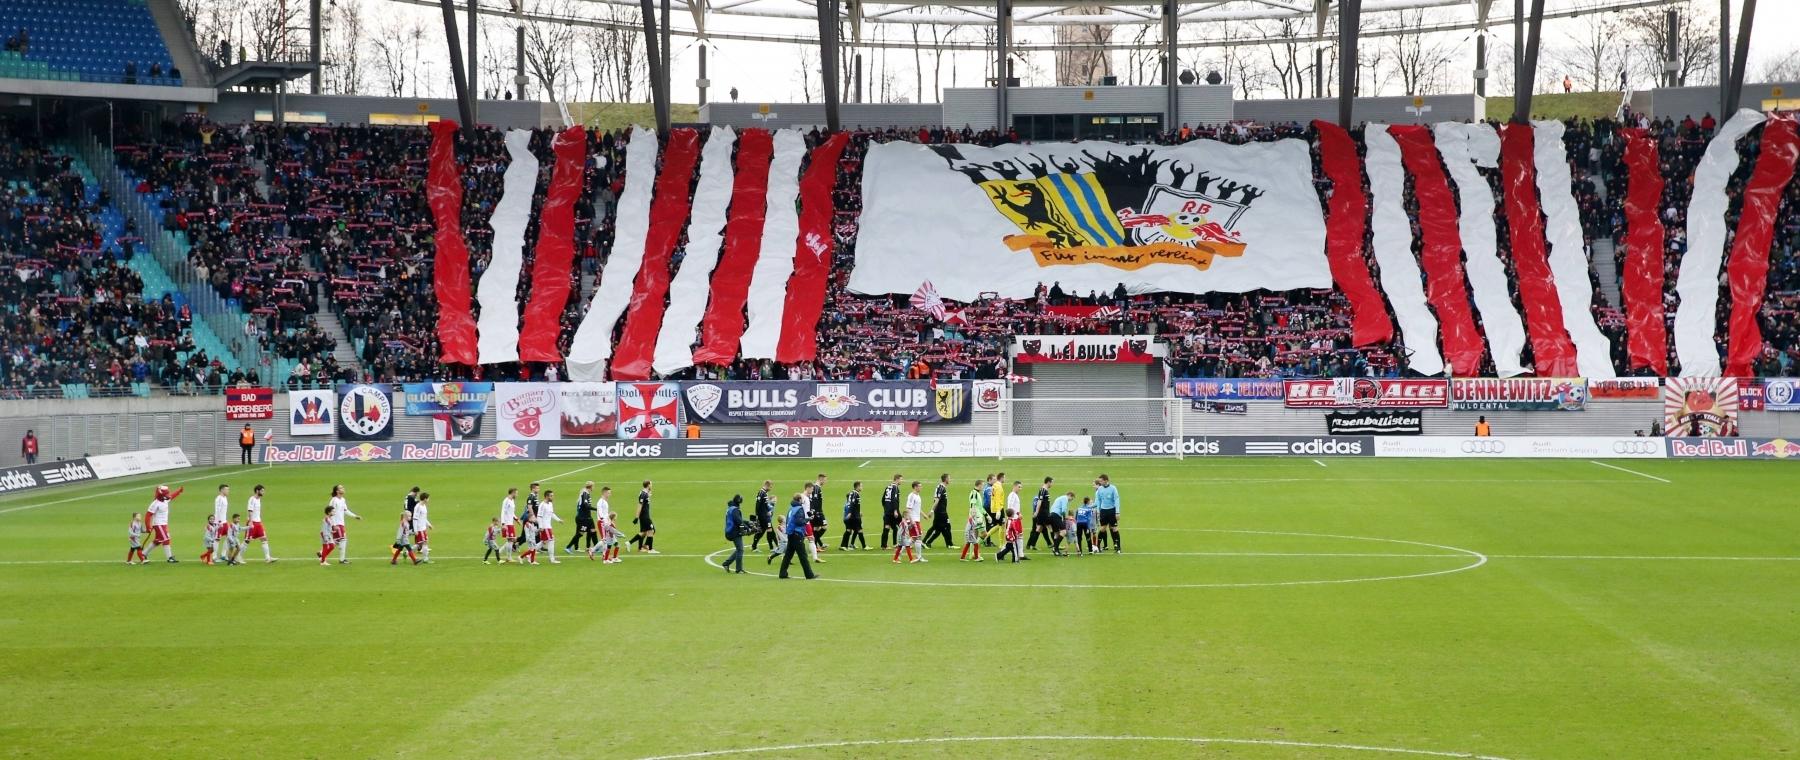 RBL-Rekordkulisse in der Saison 2011/12: Gegen den Halleschen FC kommen 18.295 Fans in die Red-Bull-Arena.